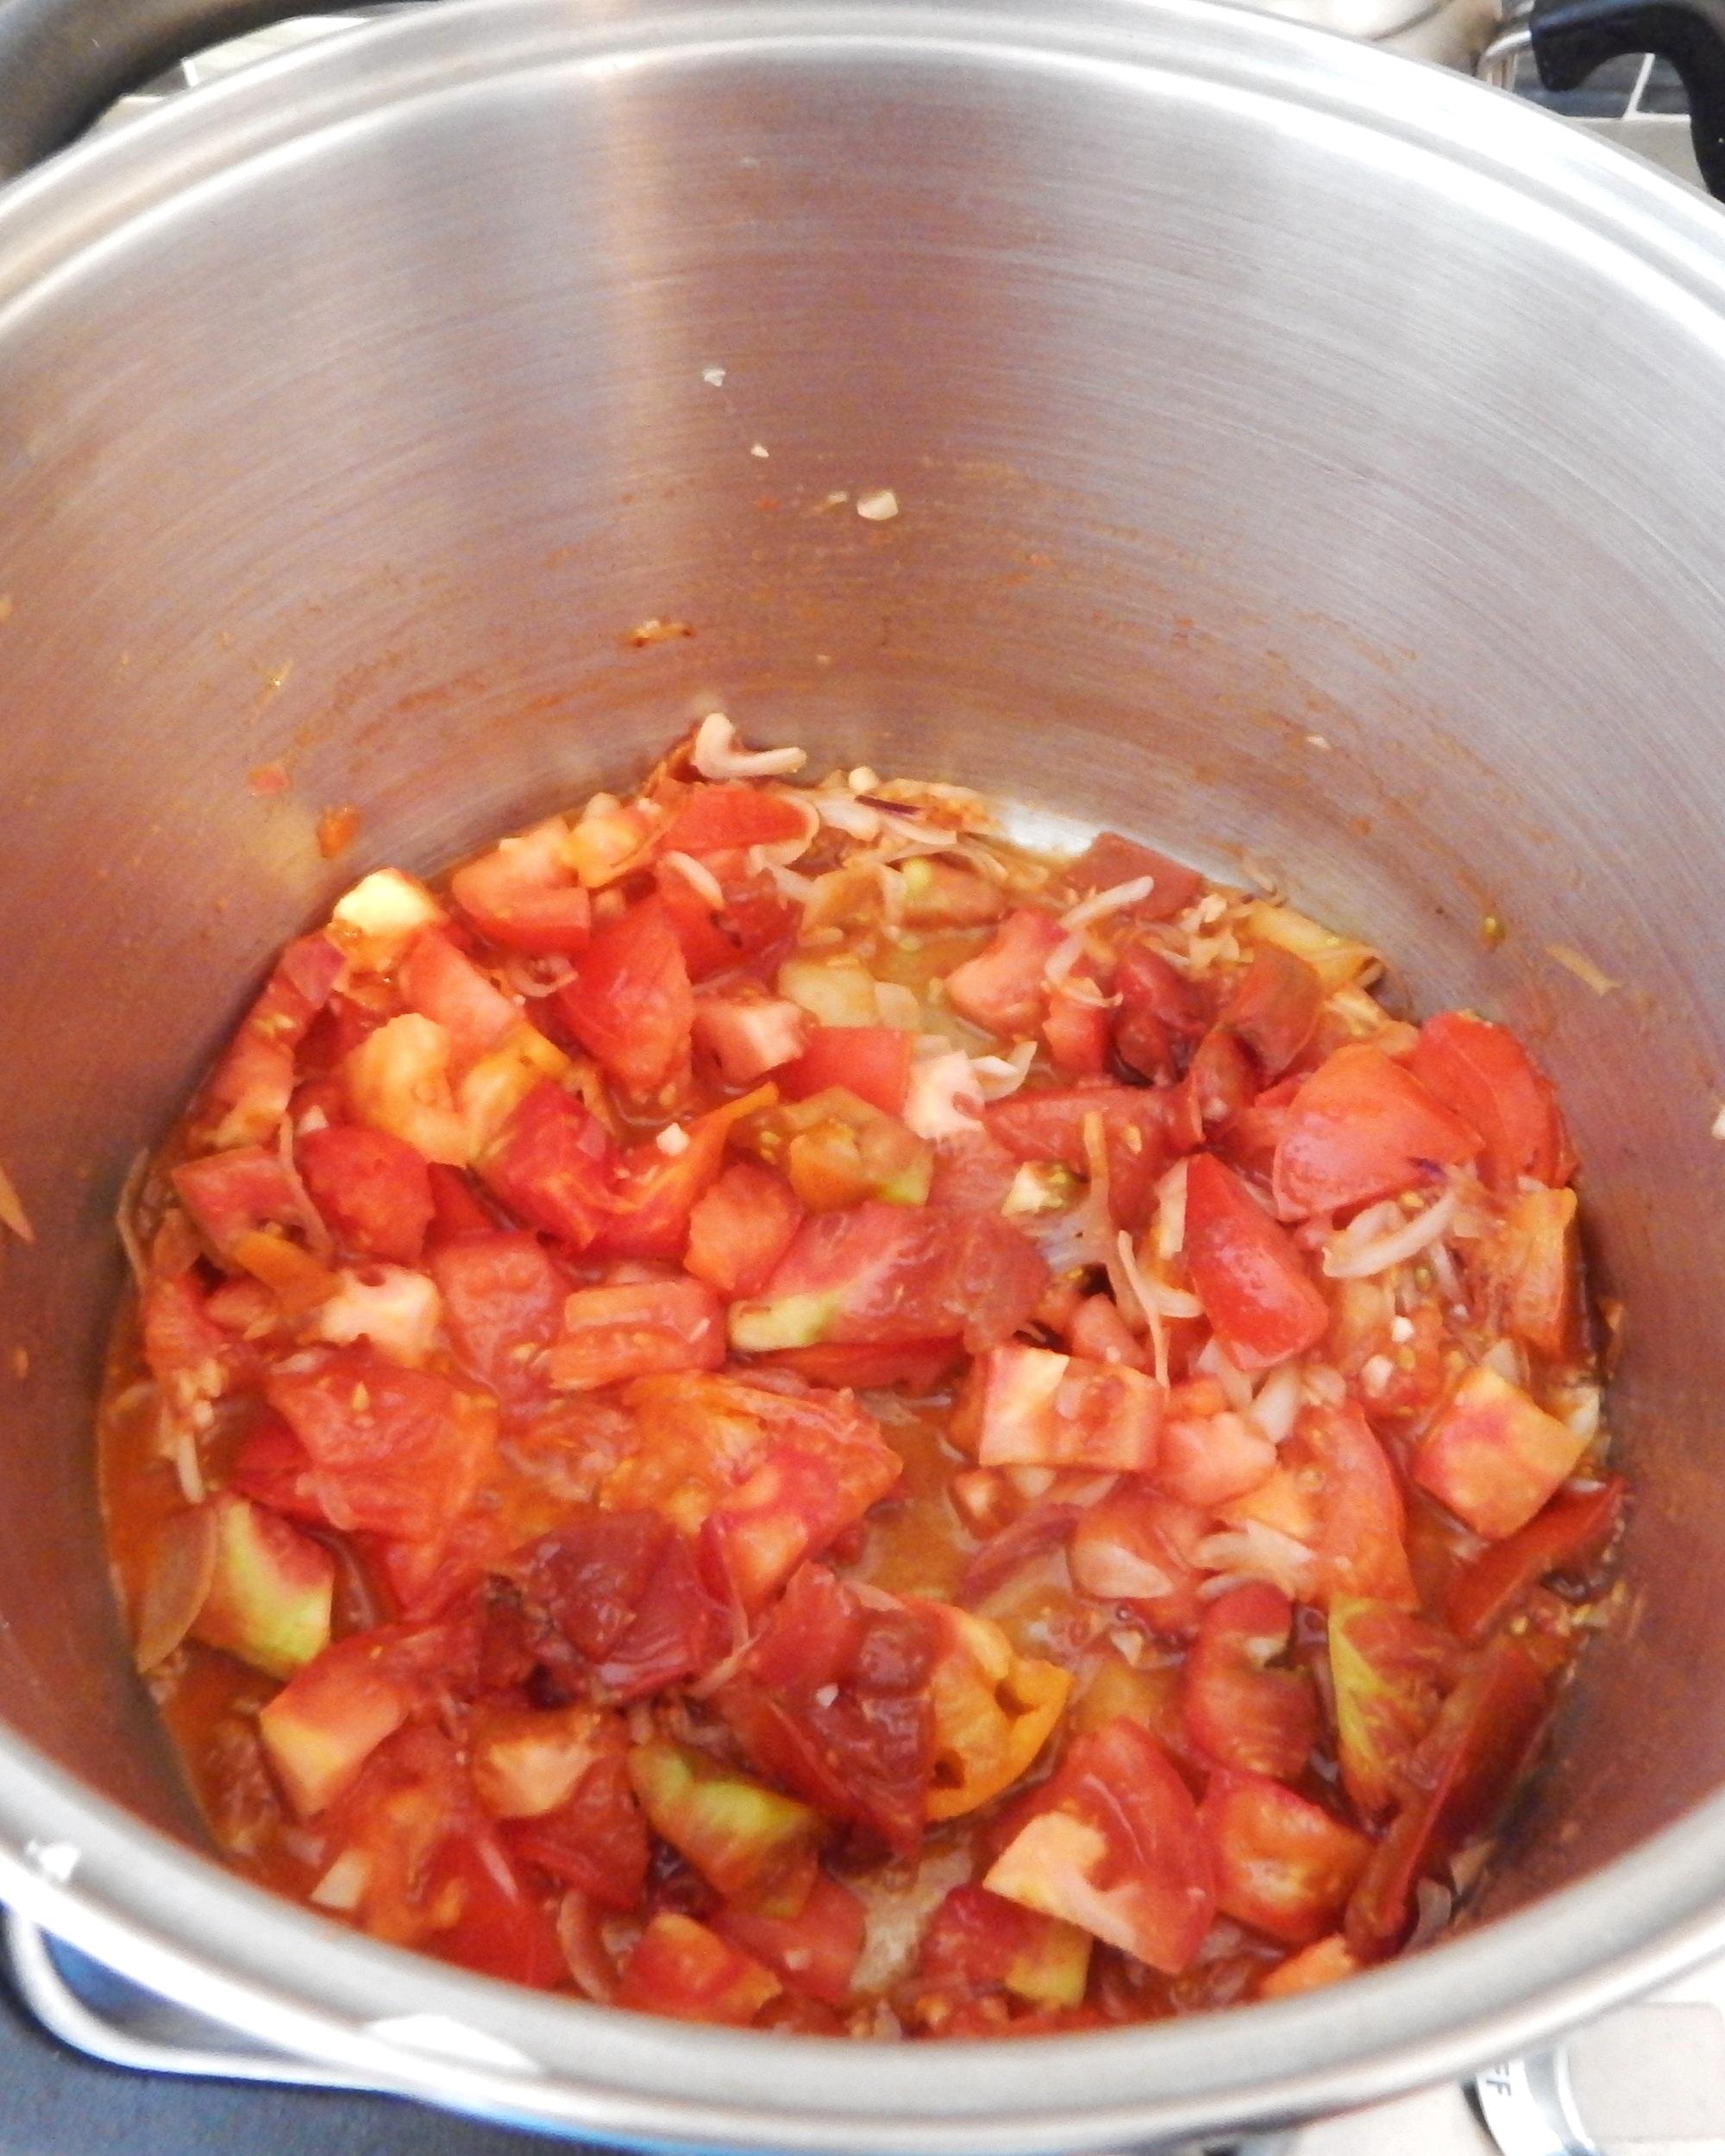 Tomatoe6_7_22.jpg